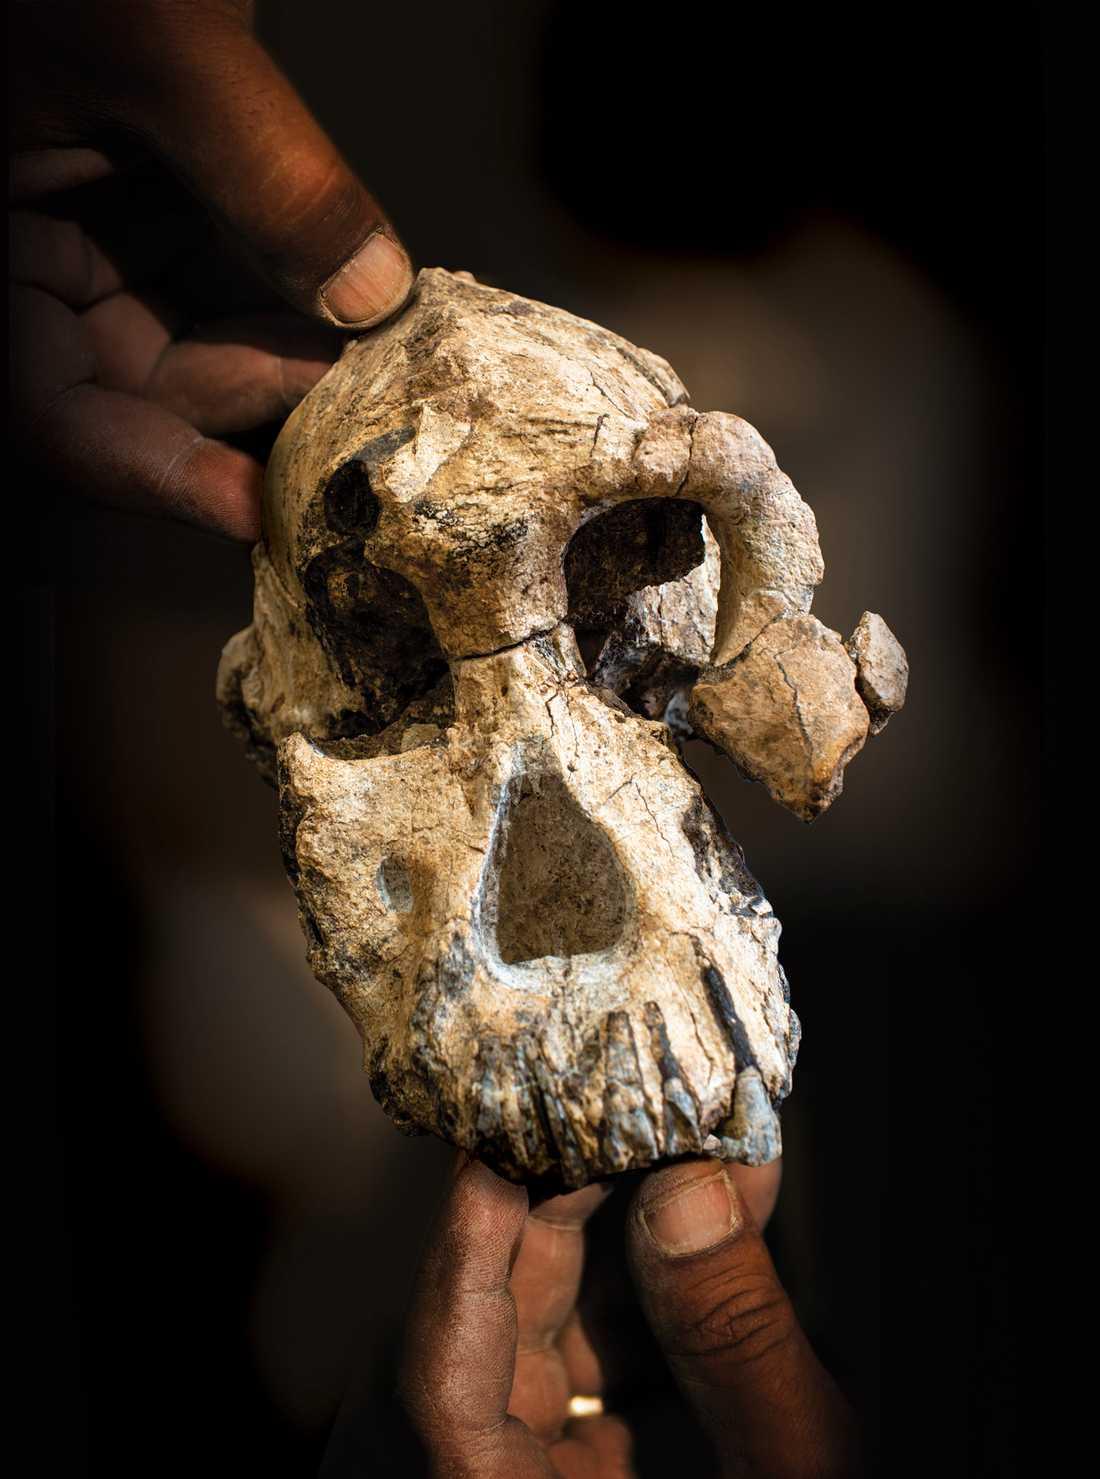 Trots sin litenhet tros skallen ha tillhört en fullvuxen hanne av arten Australopithecus anamensis som levde för 3,8 miljoner år sedan.